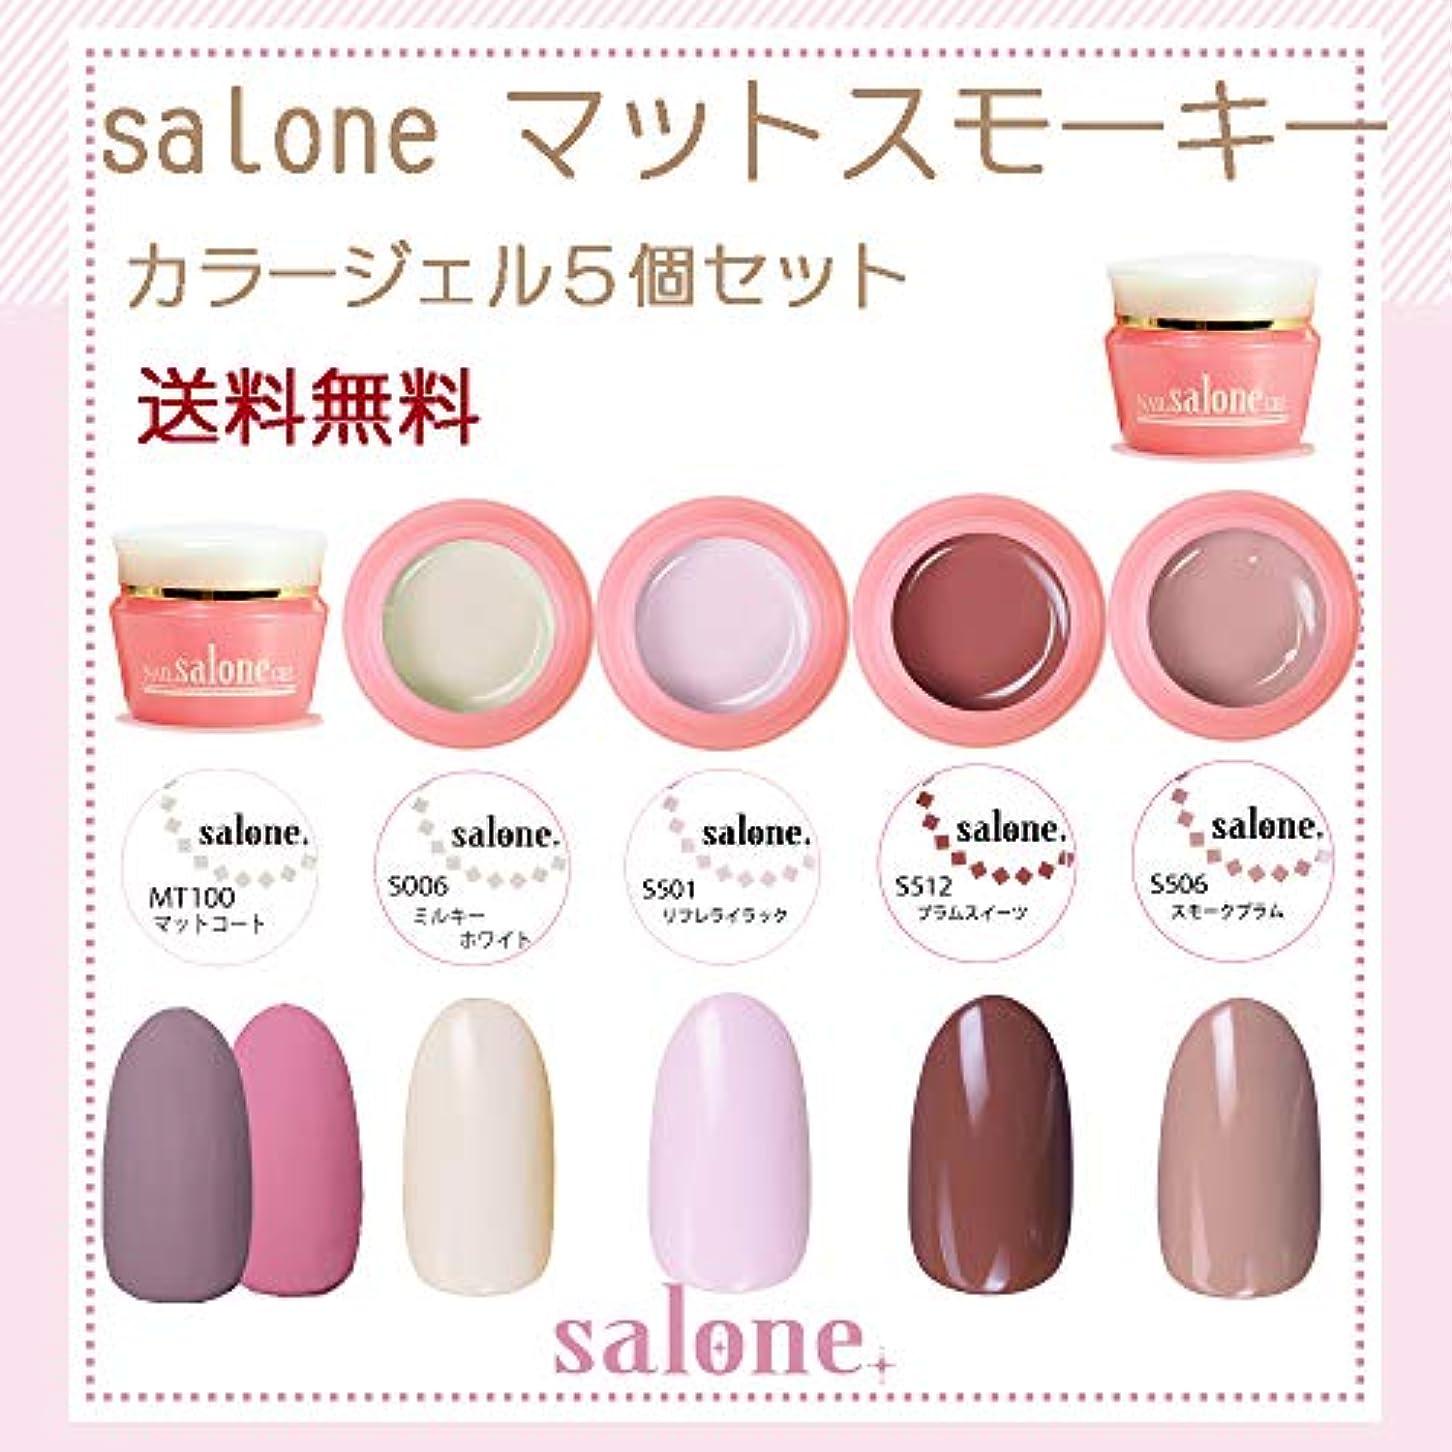 シャー包囲一定【送料無料 日本製】Salone スモーキーマットスモーキー カラージェル5個セット ネイルのマストアイテムのマットトップ